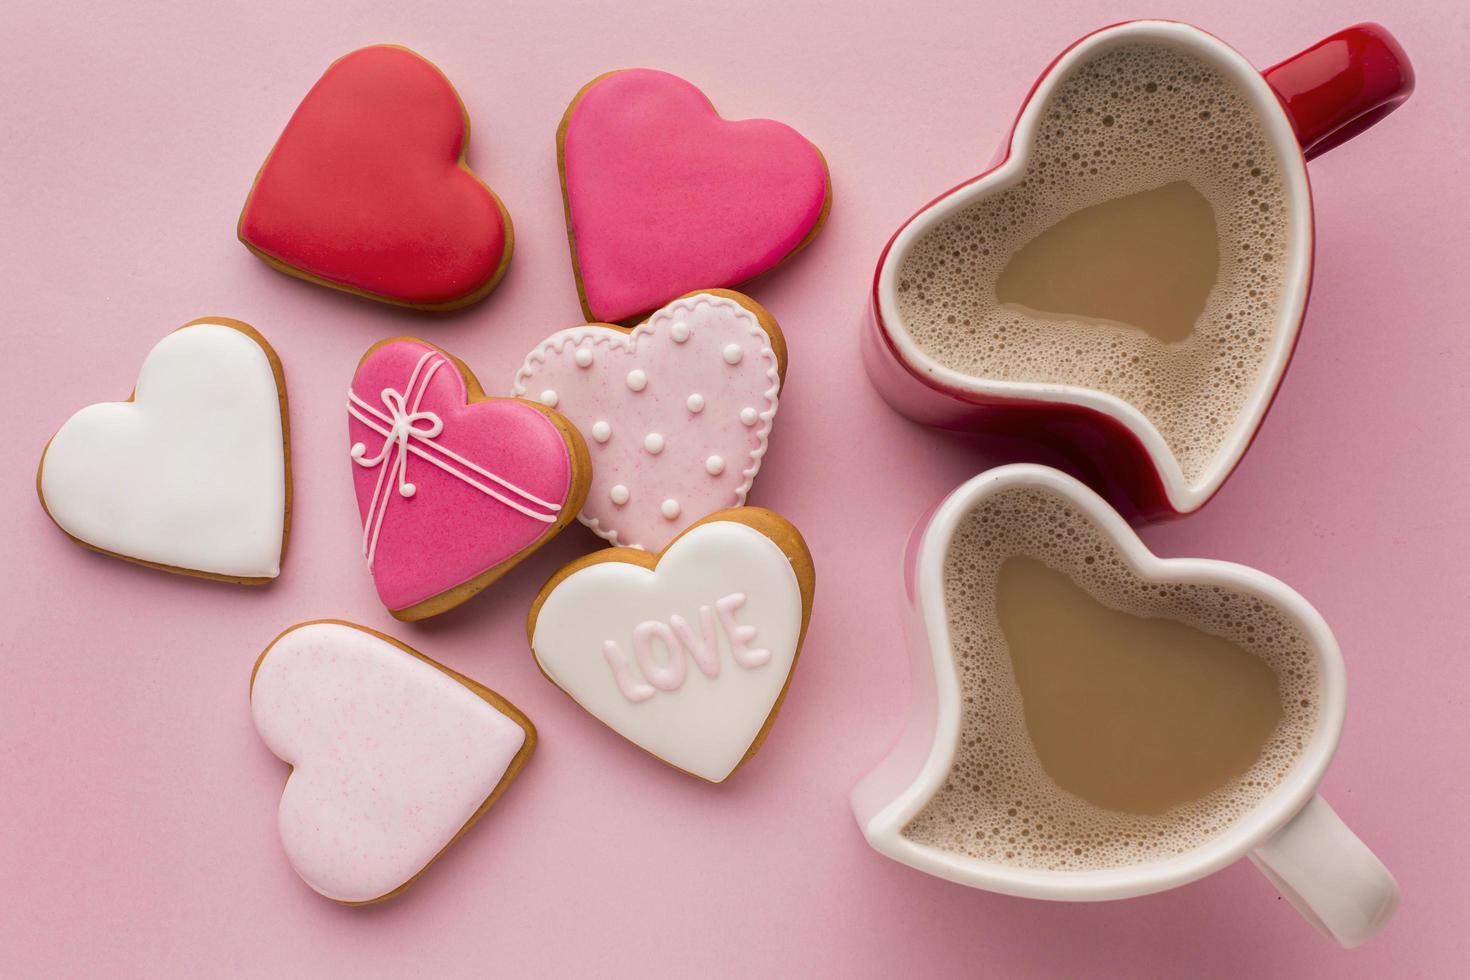 vue de dessus du café et des biscuits de la Saint-Valentin photo